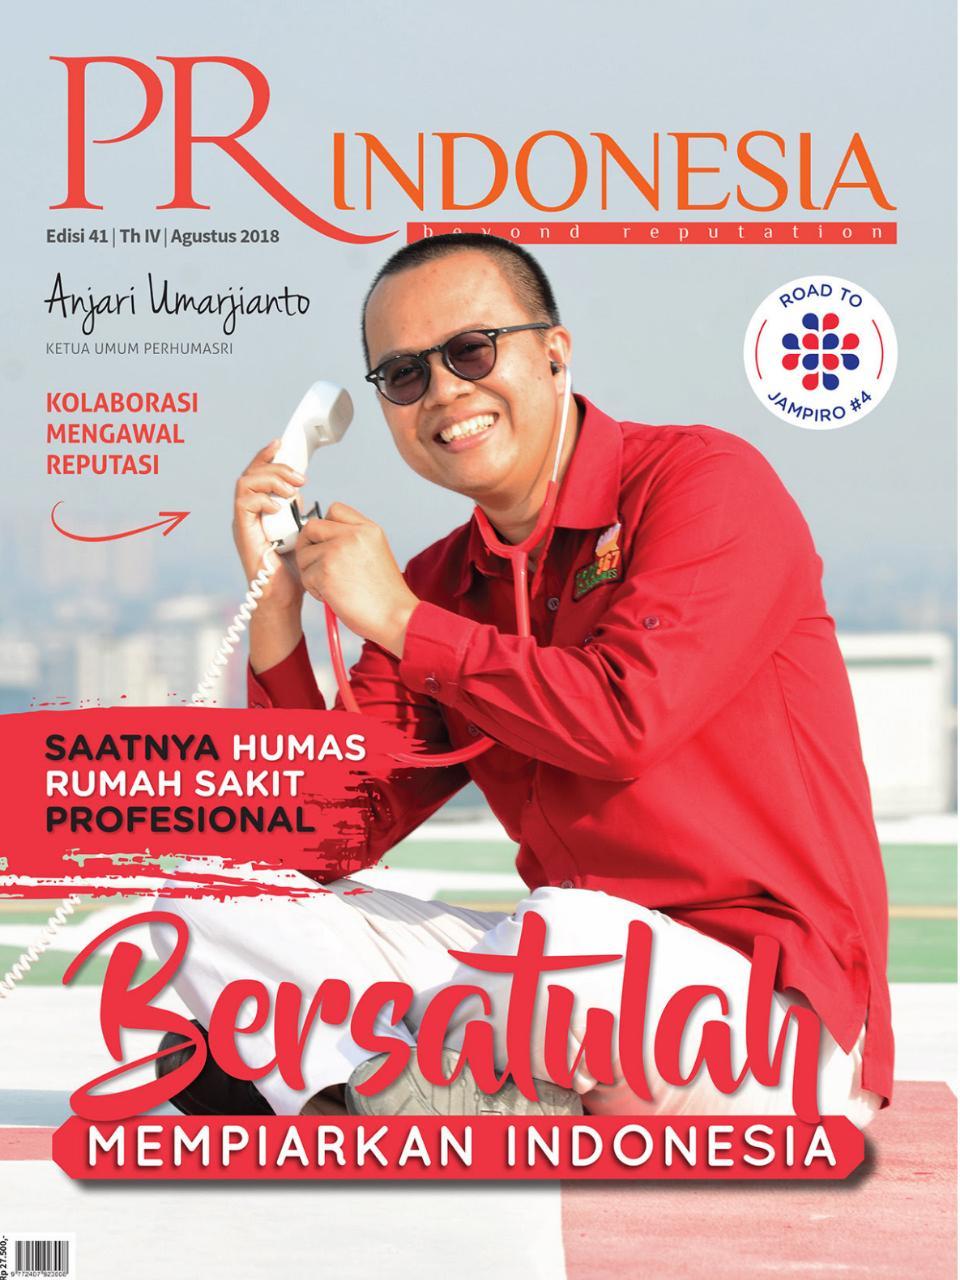 PR INDONESIA-Cover-Edisi 41-Agustus 2018